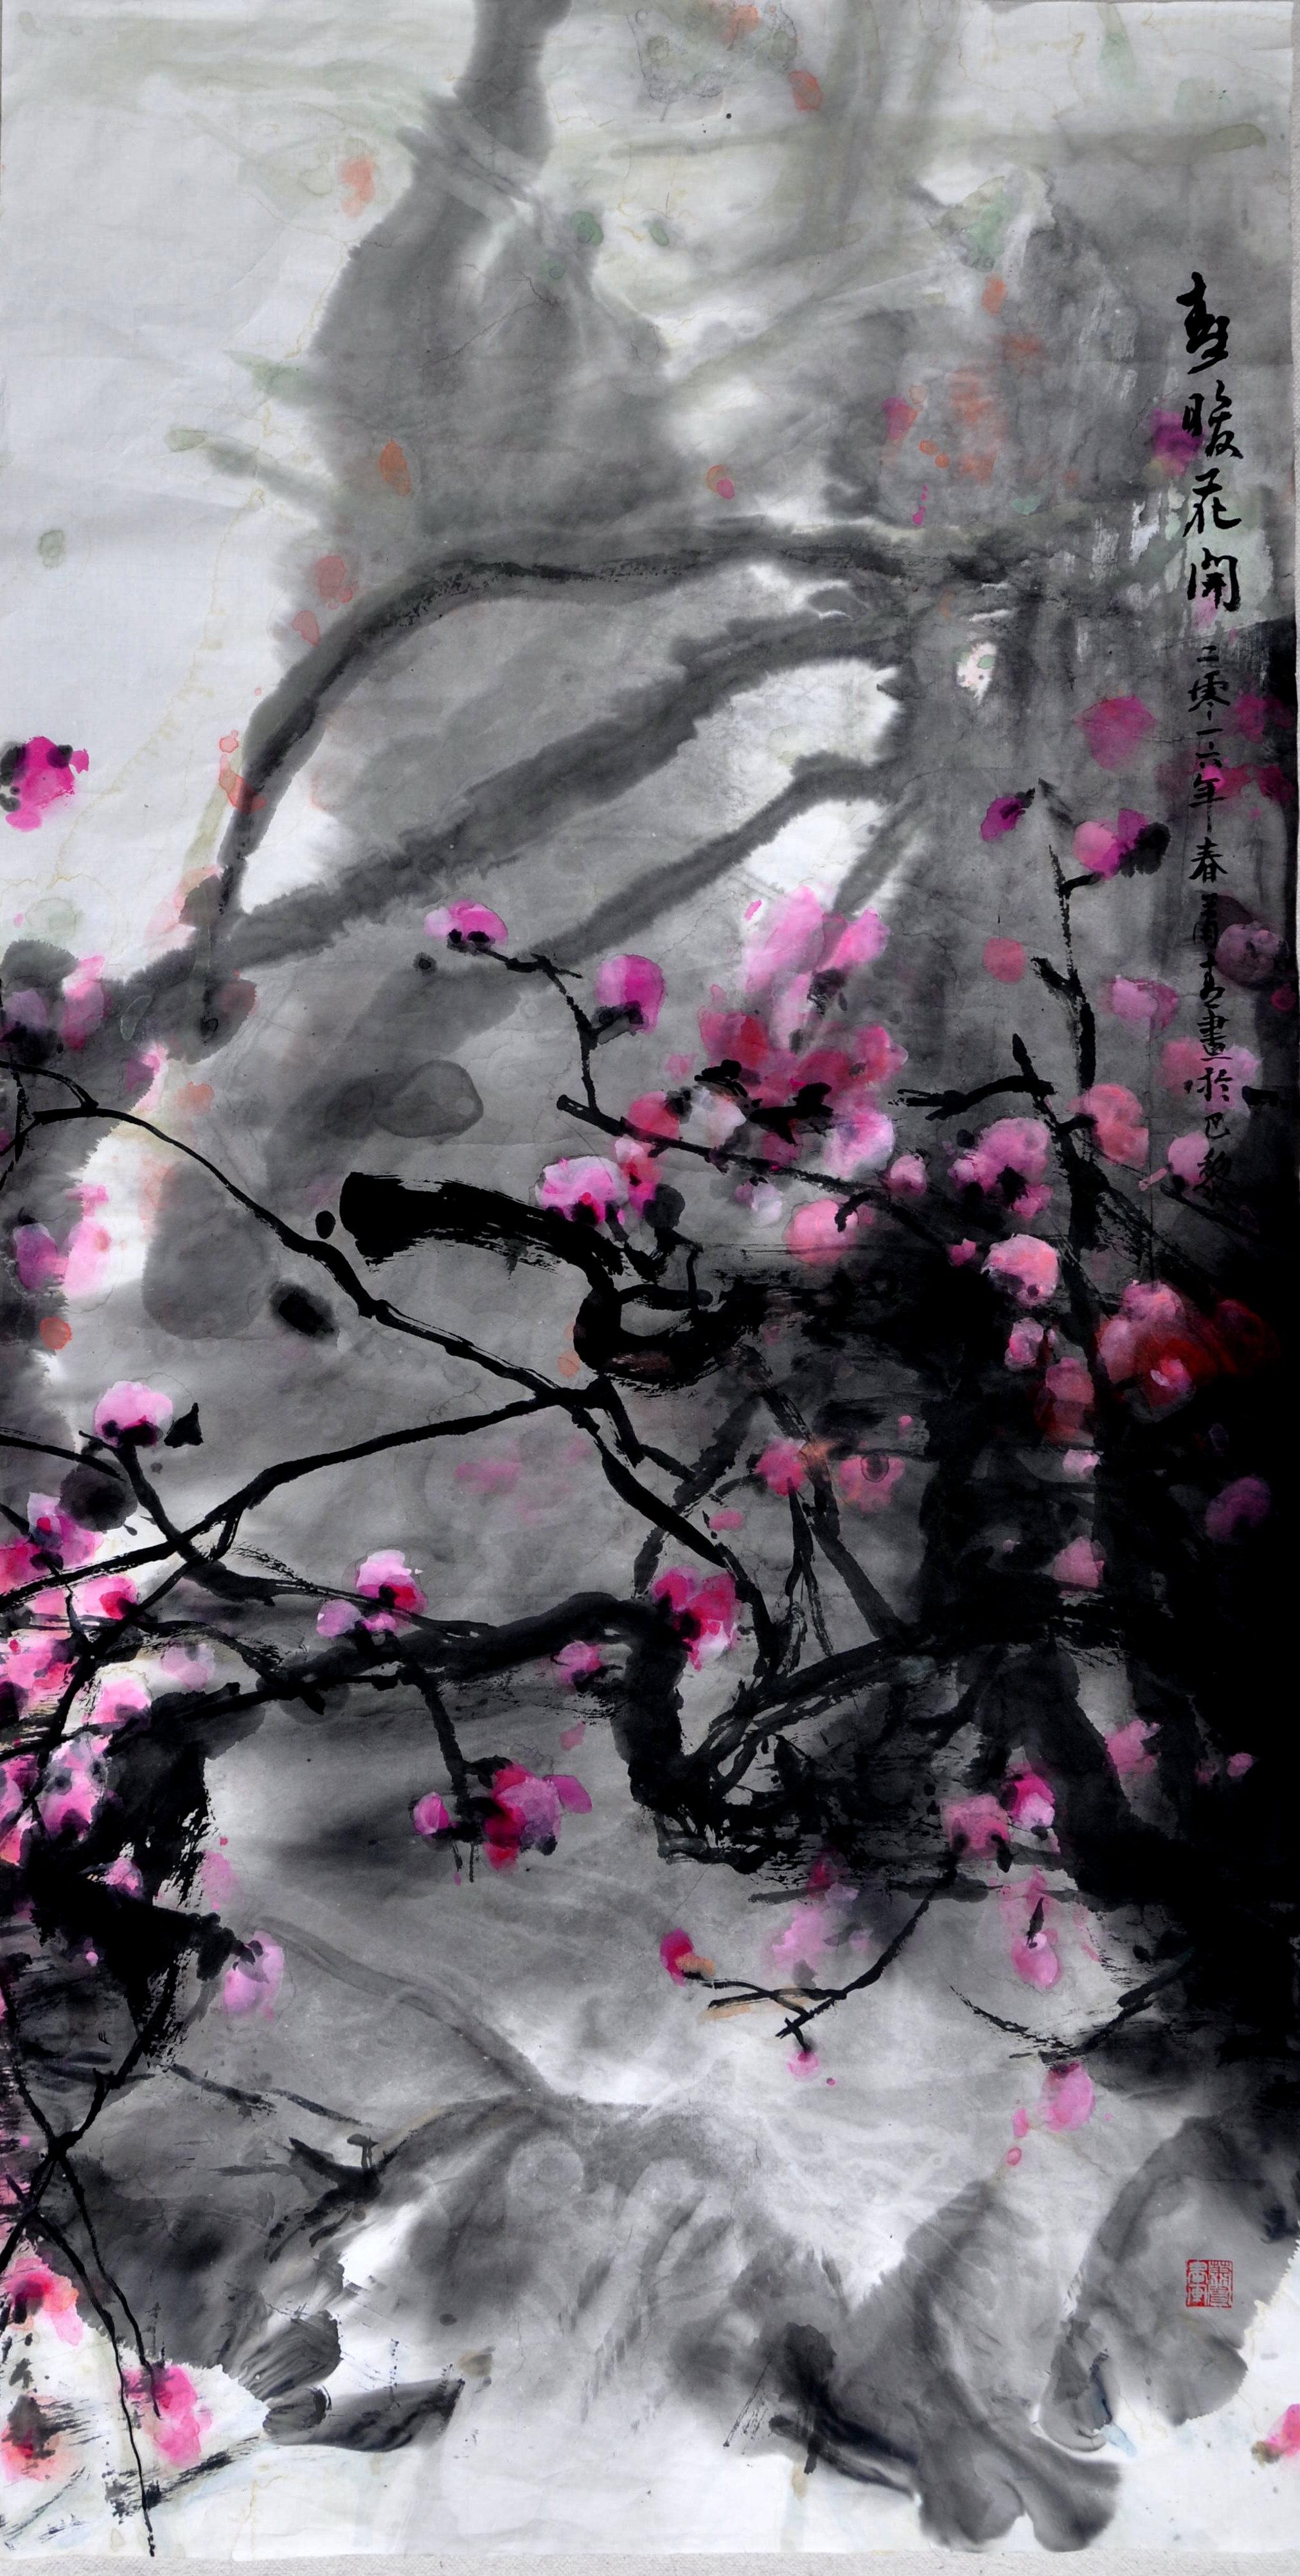 2016 春暖花开 épanouissement     137 x 68